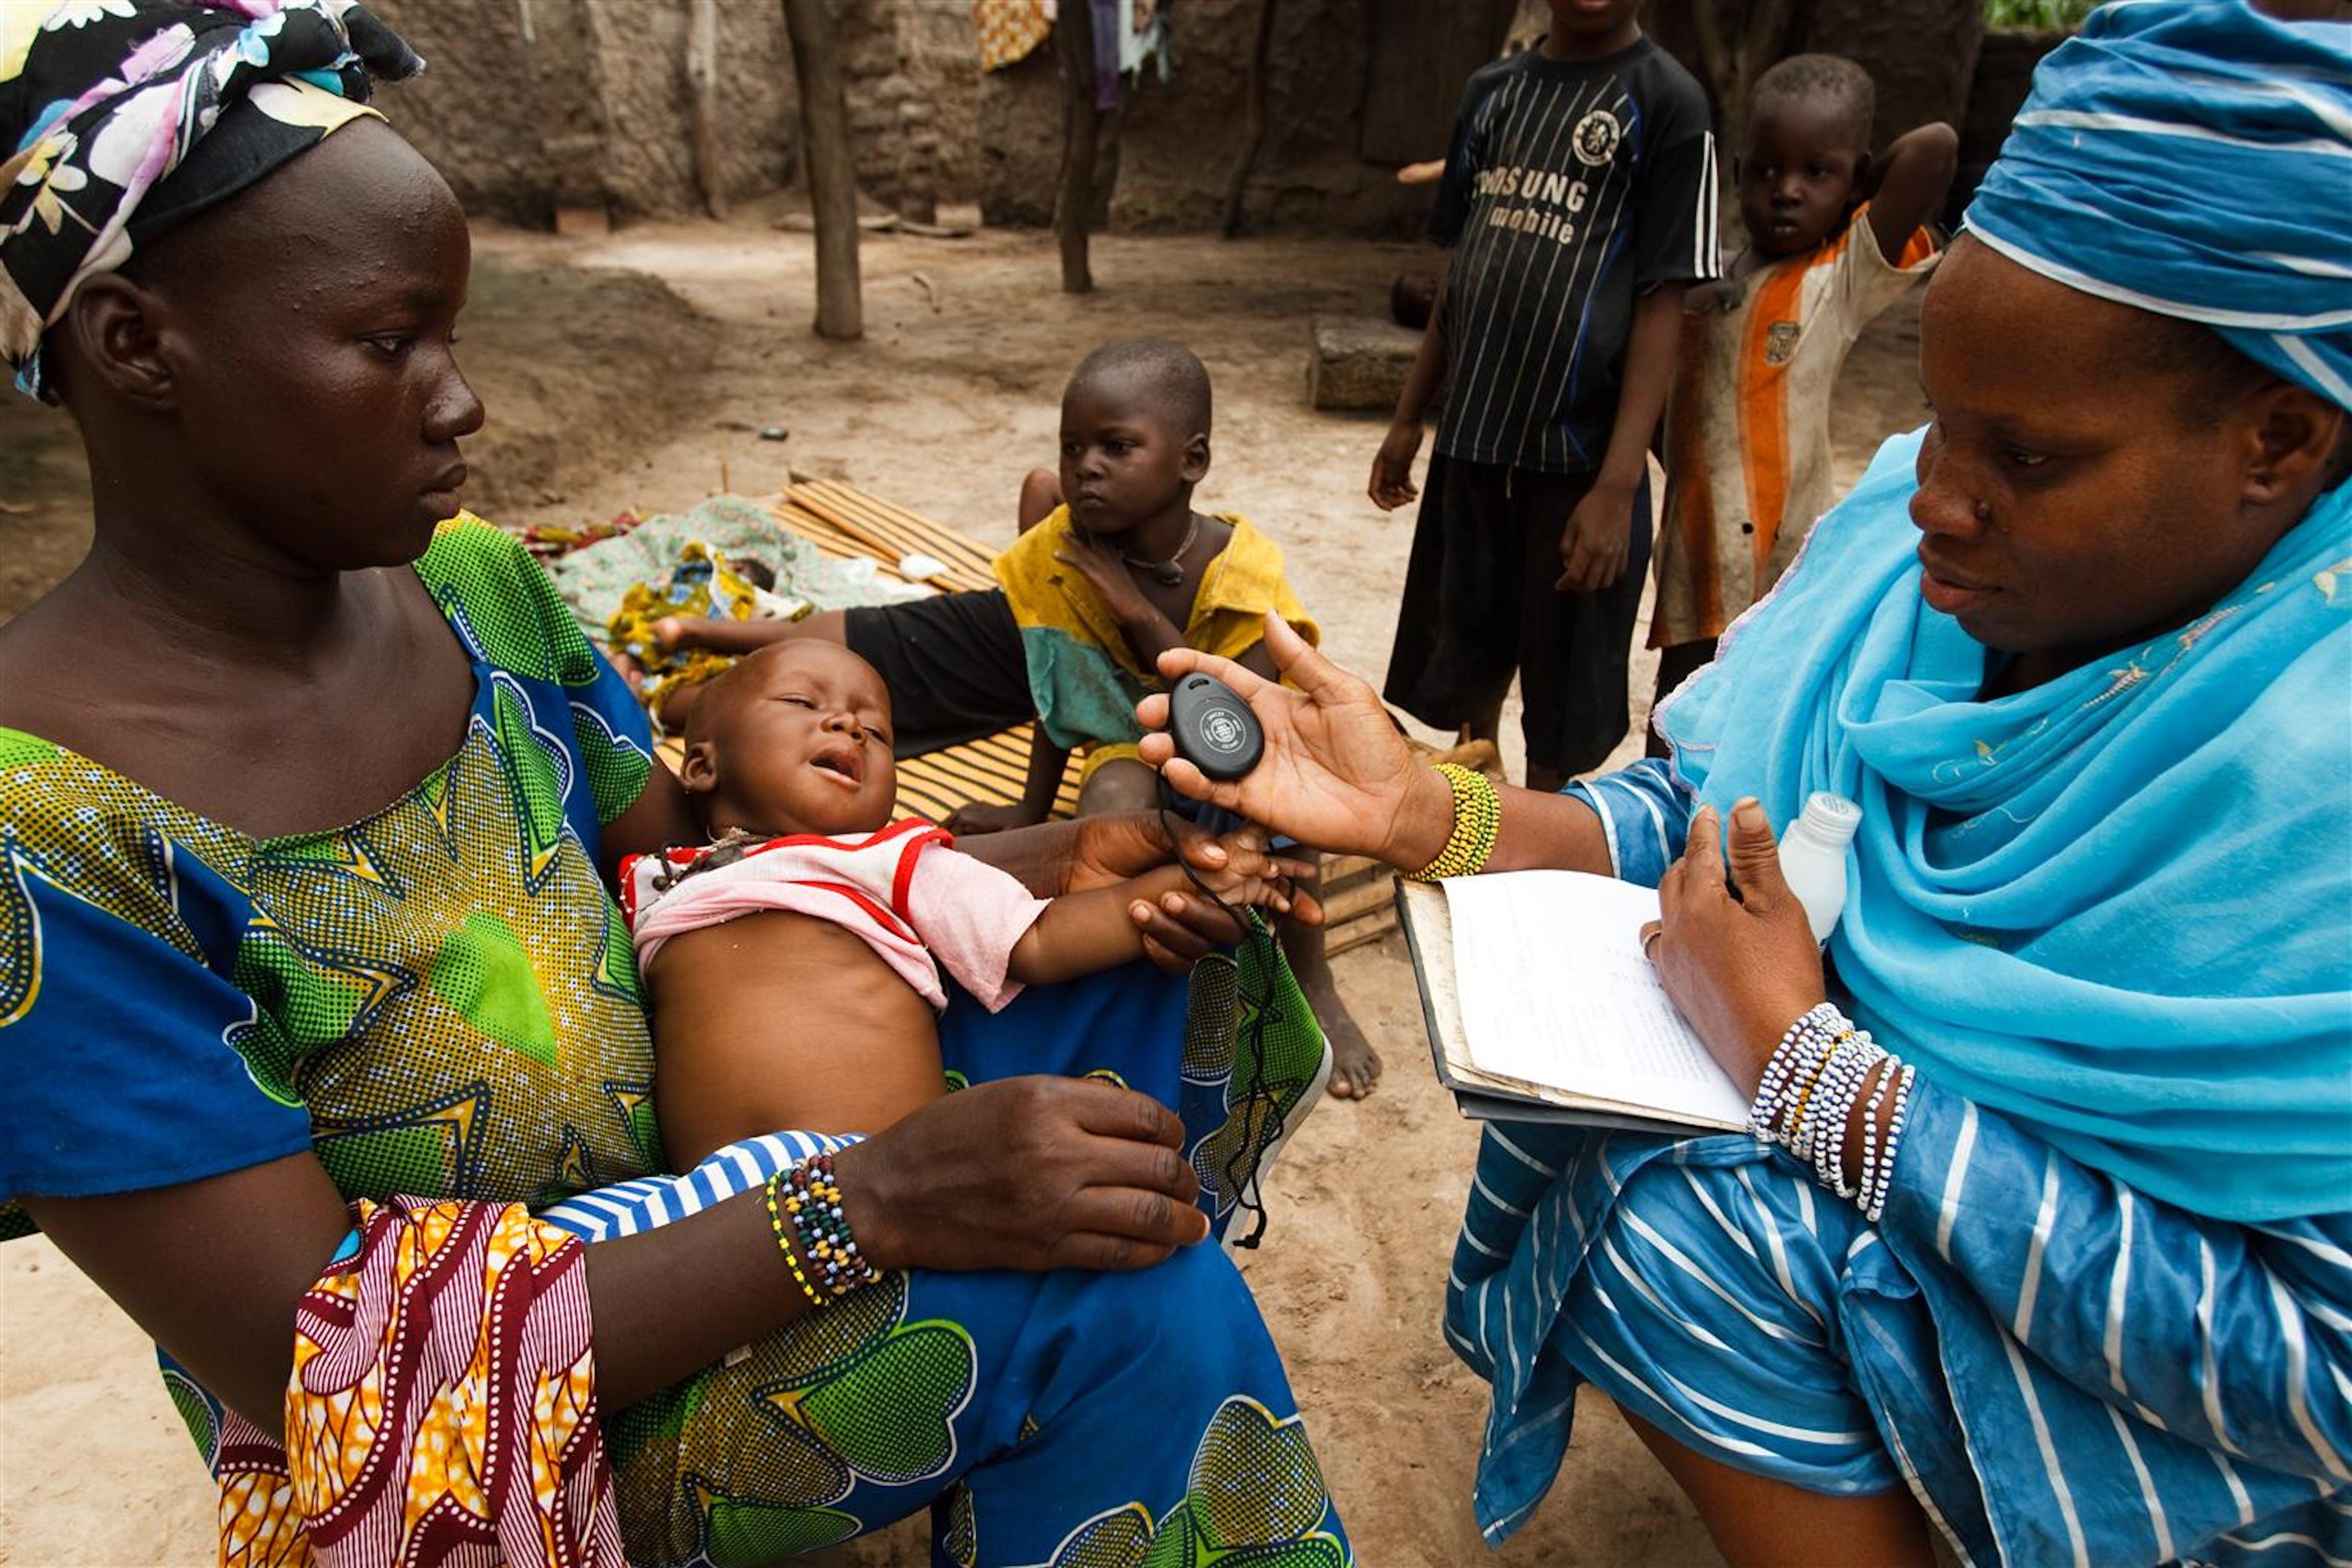 Un'operatrice sanitaria di villaggio misura la respirazione di un bambino di 8 mesi affetto da polmonite, nel villaggio di Kabe (Mali) - ©UNICEF Mali/2010-00637/Asselin